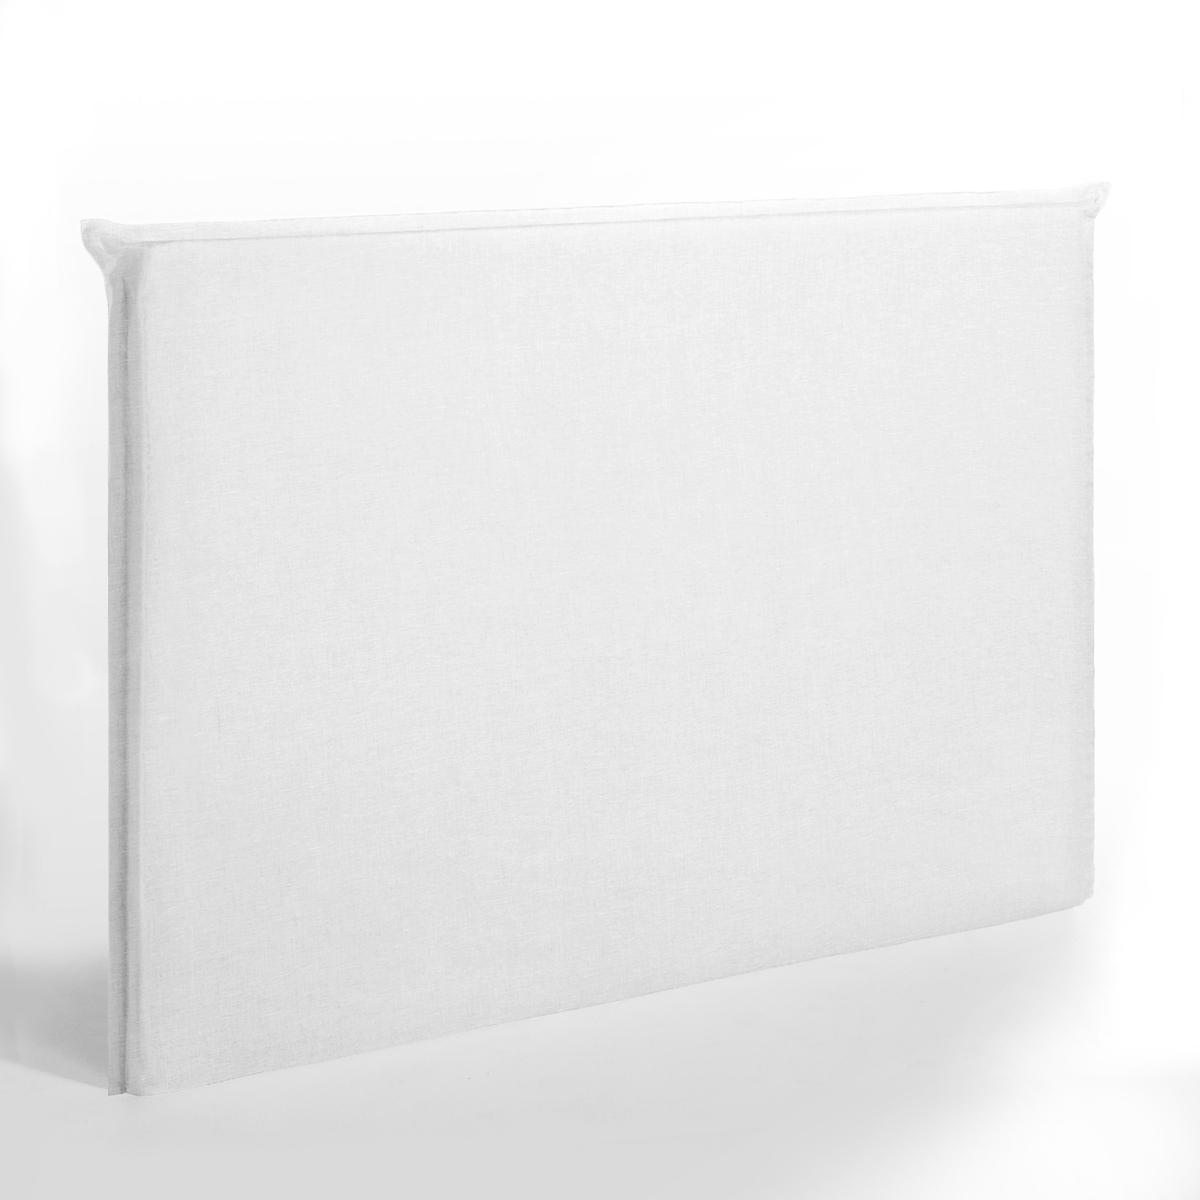 Чехол LaRedoute Для изголовья кровати высотой 135 см из стираного льна Sandor 160 см белый